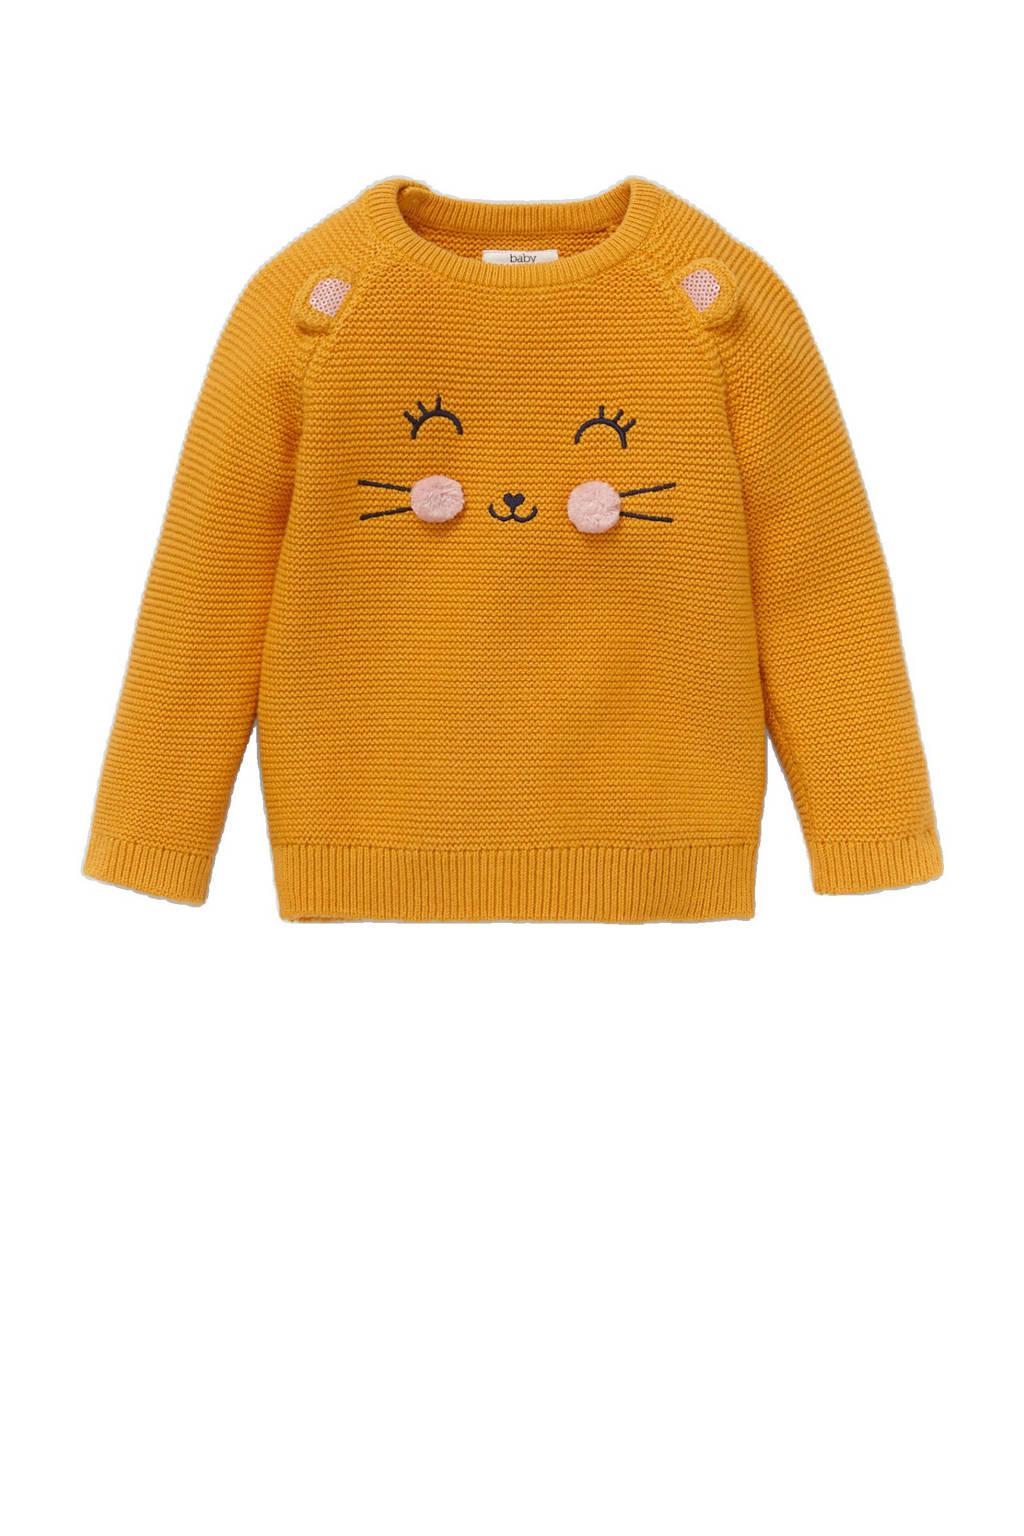 C&A Baby Club trui van biologisch katoen okergeel/zwart/lichtroze, Okergeel/zwart/lichtroze